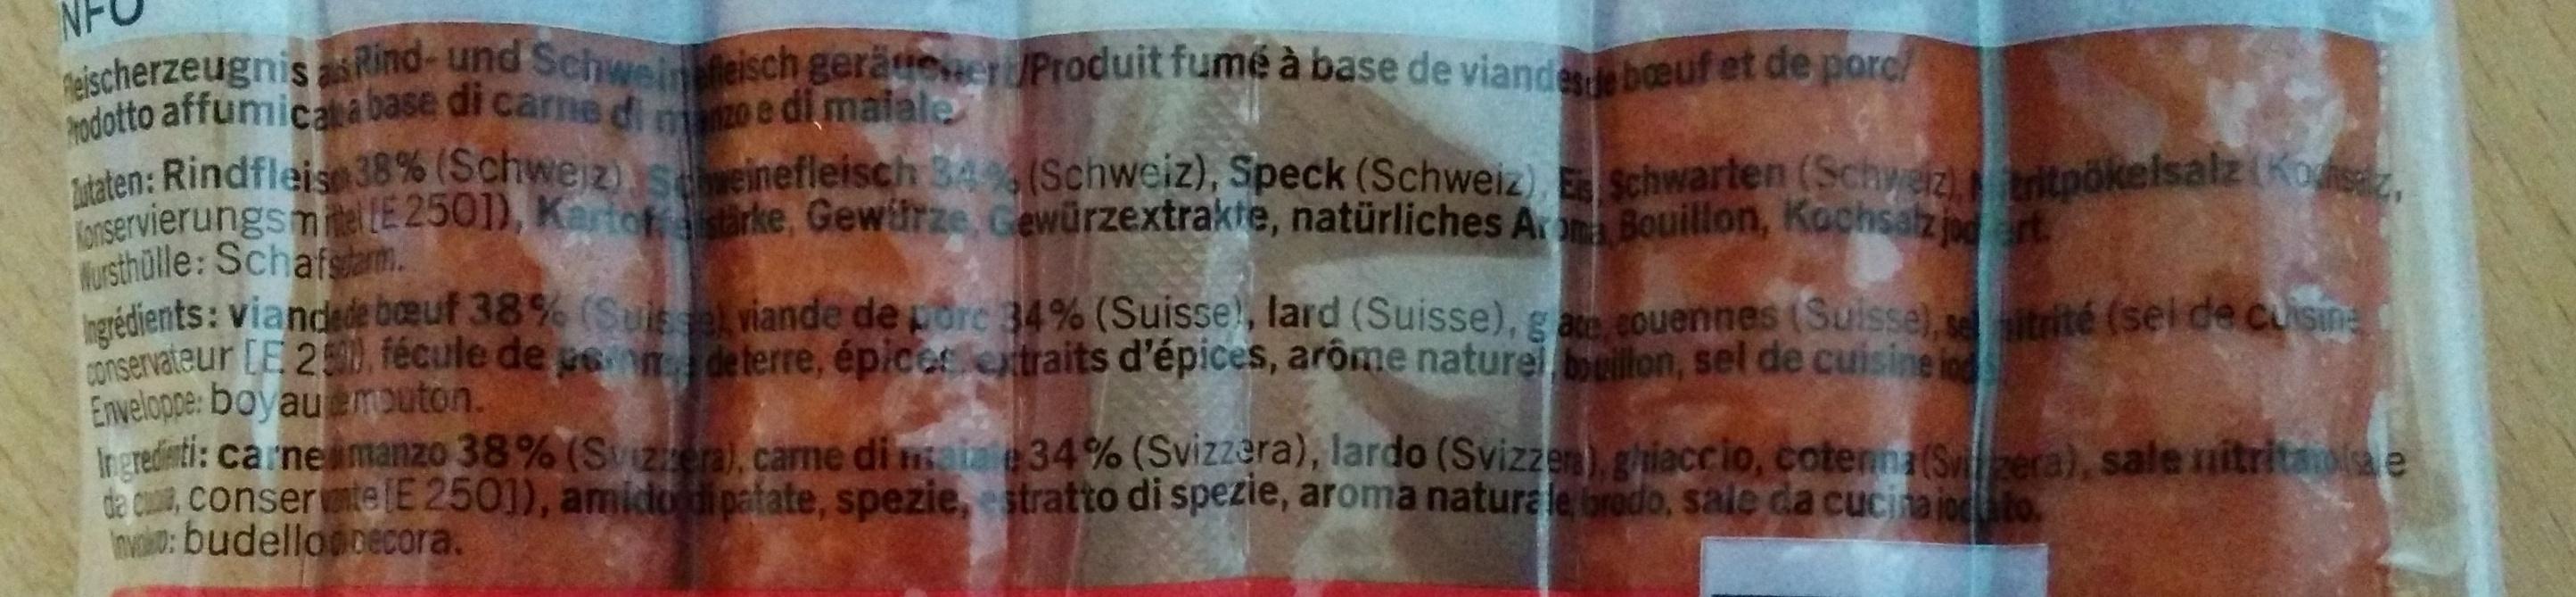 Saucisses de porc - Ingredients